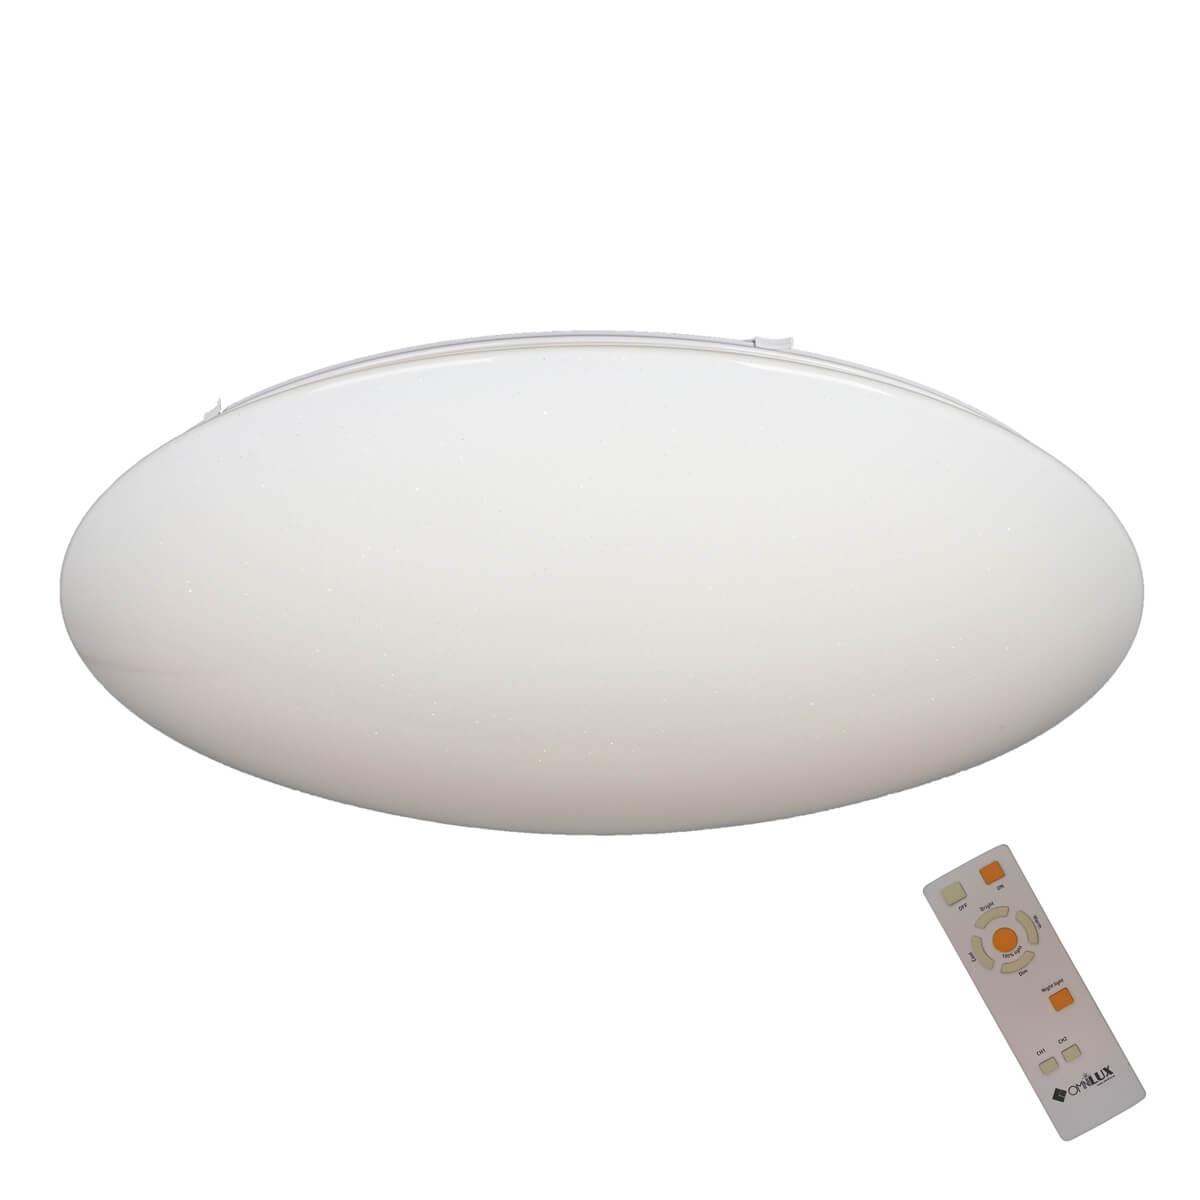 купить Потолочный светодиодный светильник Omnilux Berkeley OML-43017-80 дешево